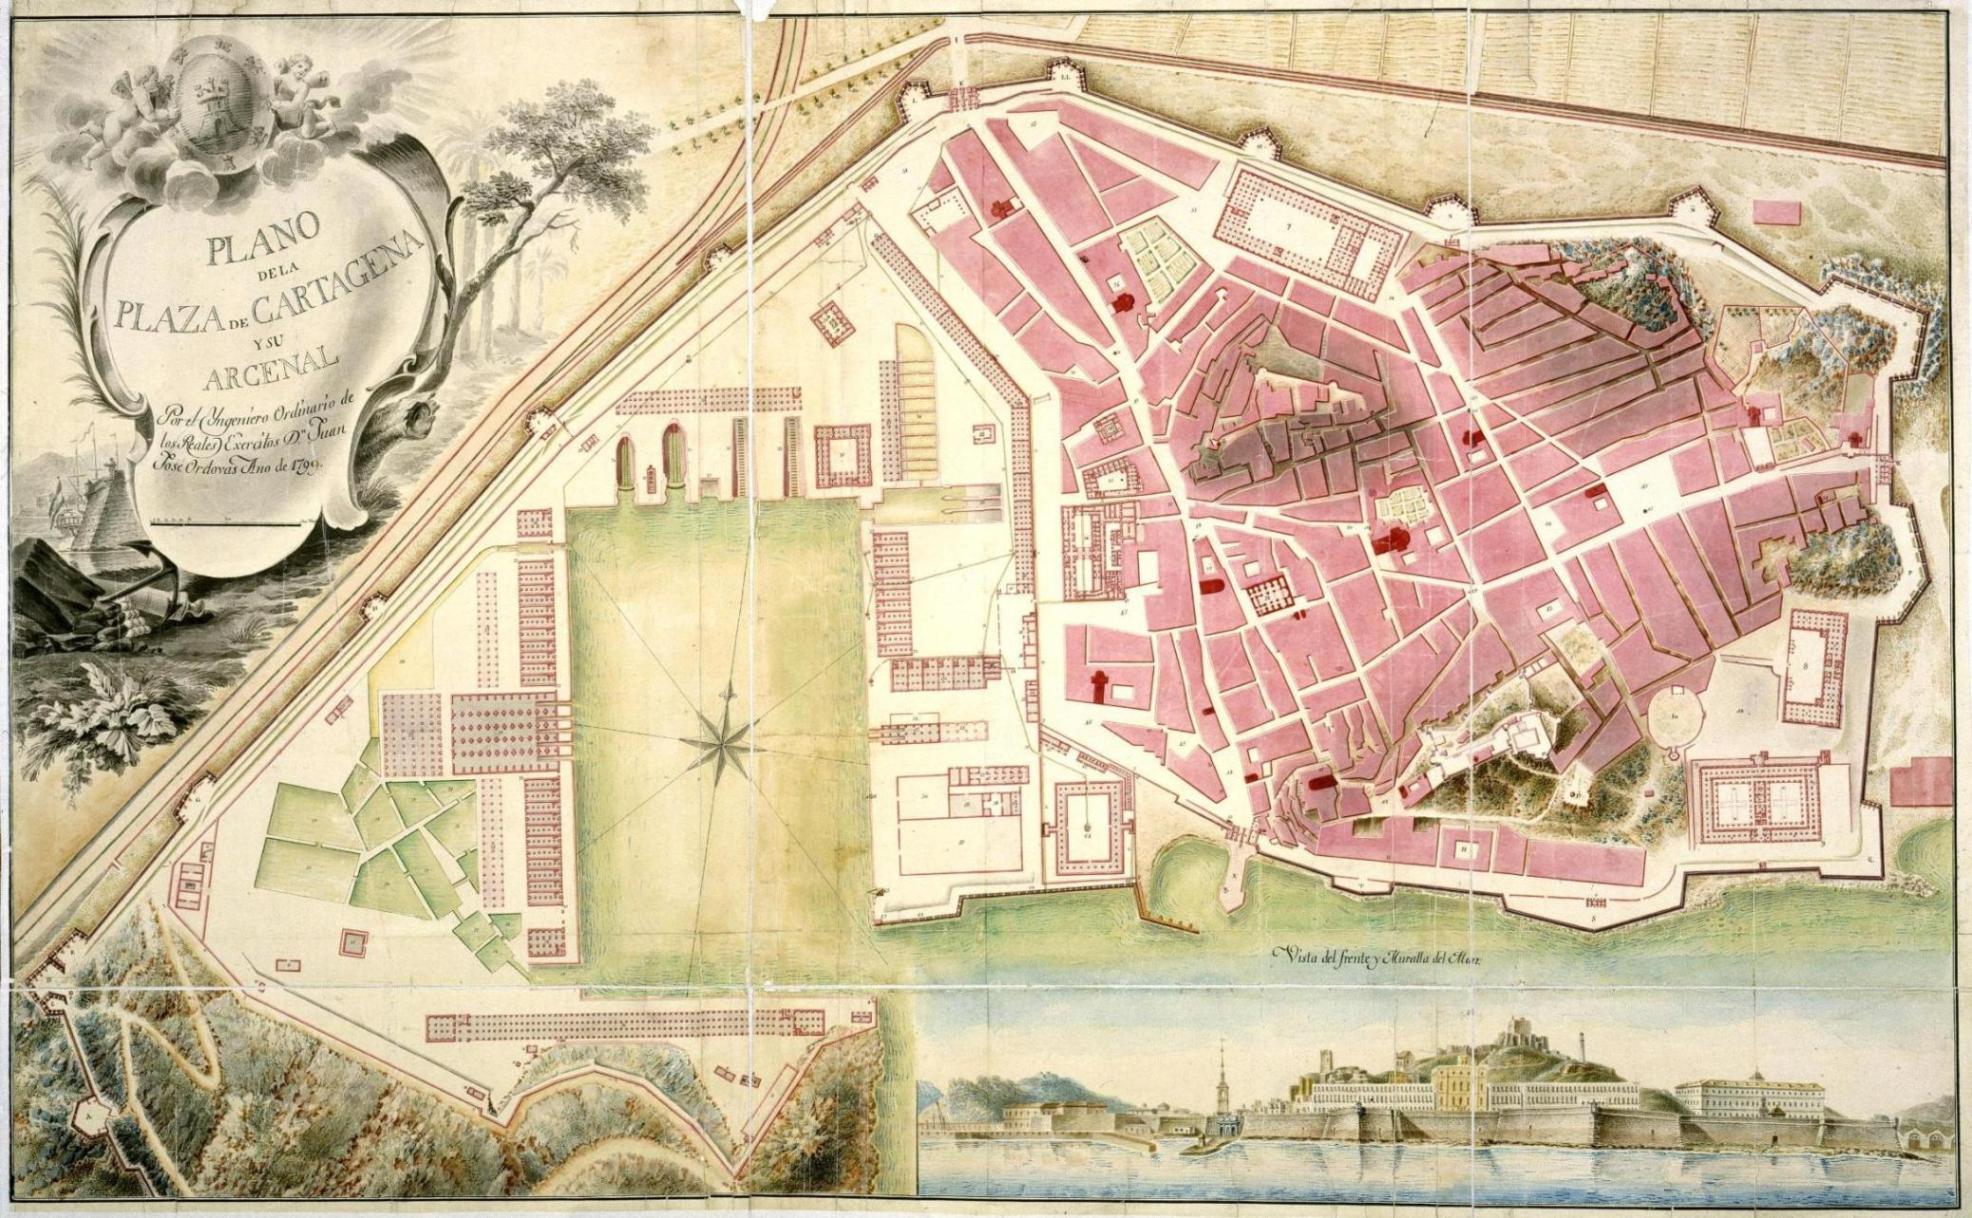 Plano de la Plaza de Cartagena y su Arcenal 1799